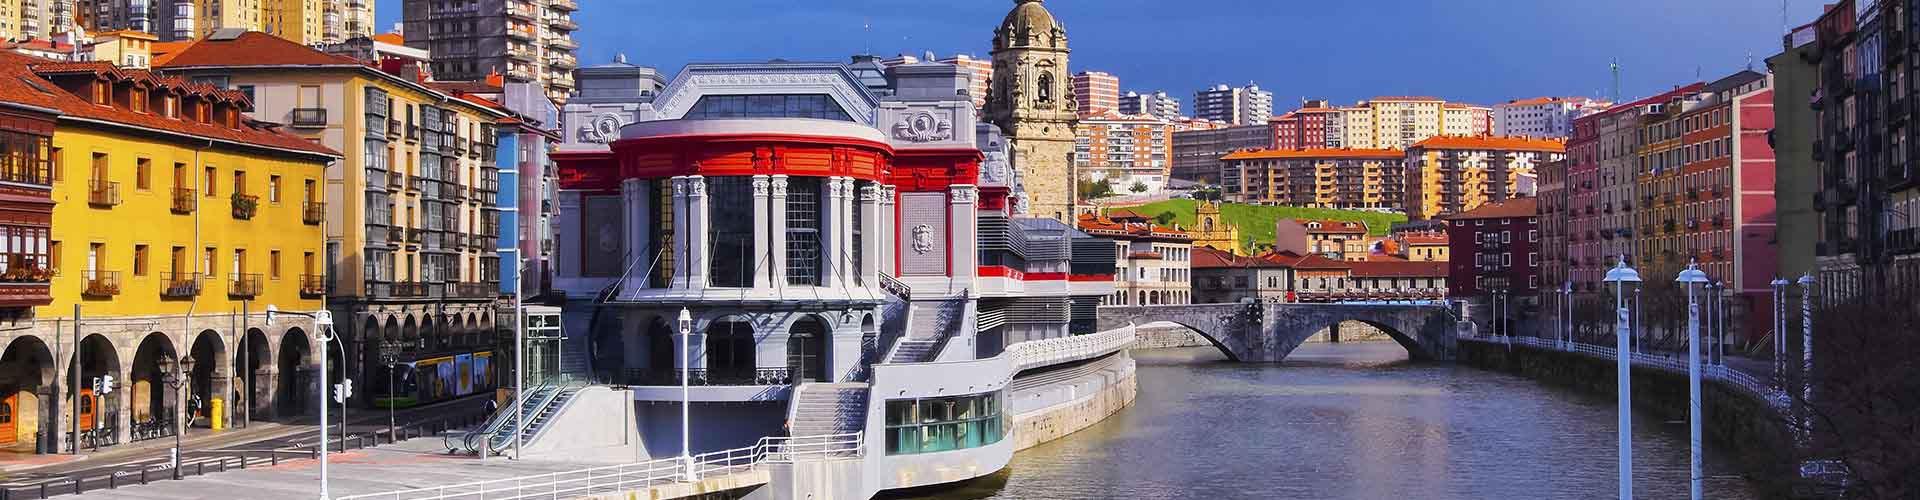 ビルバオ – ホステル ビルバオ. 地図 ビルバオ, すべてのホステルの写真とレビュー ビルバオ.